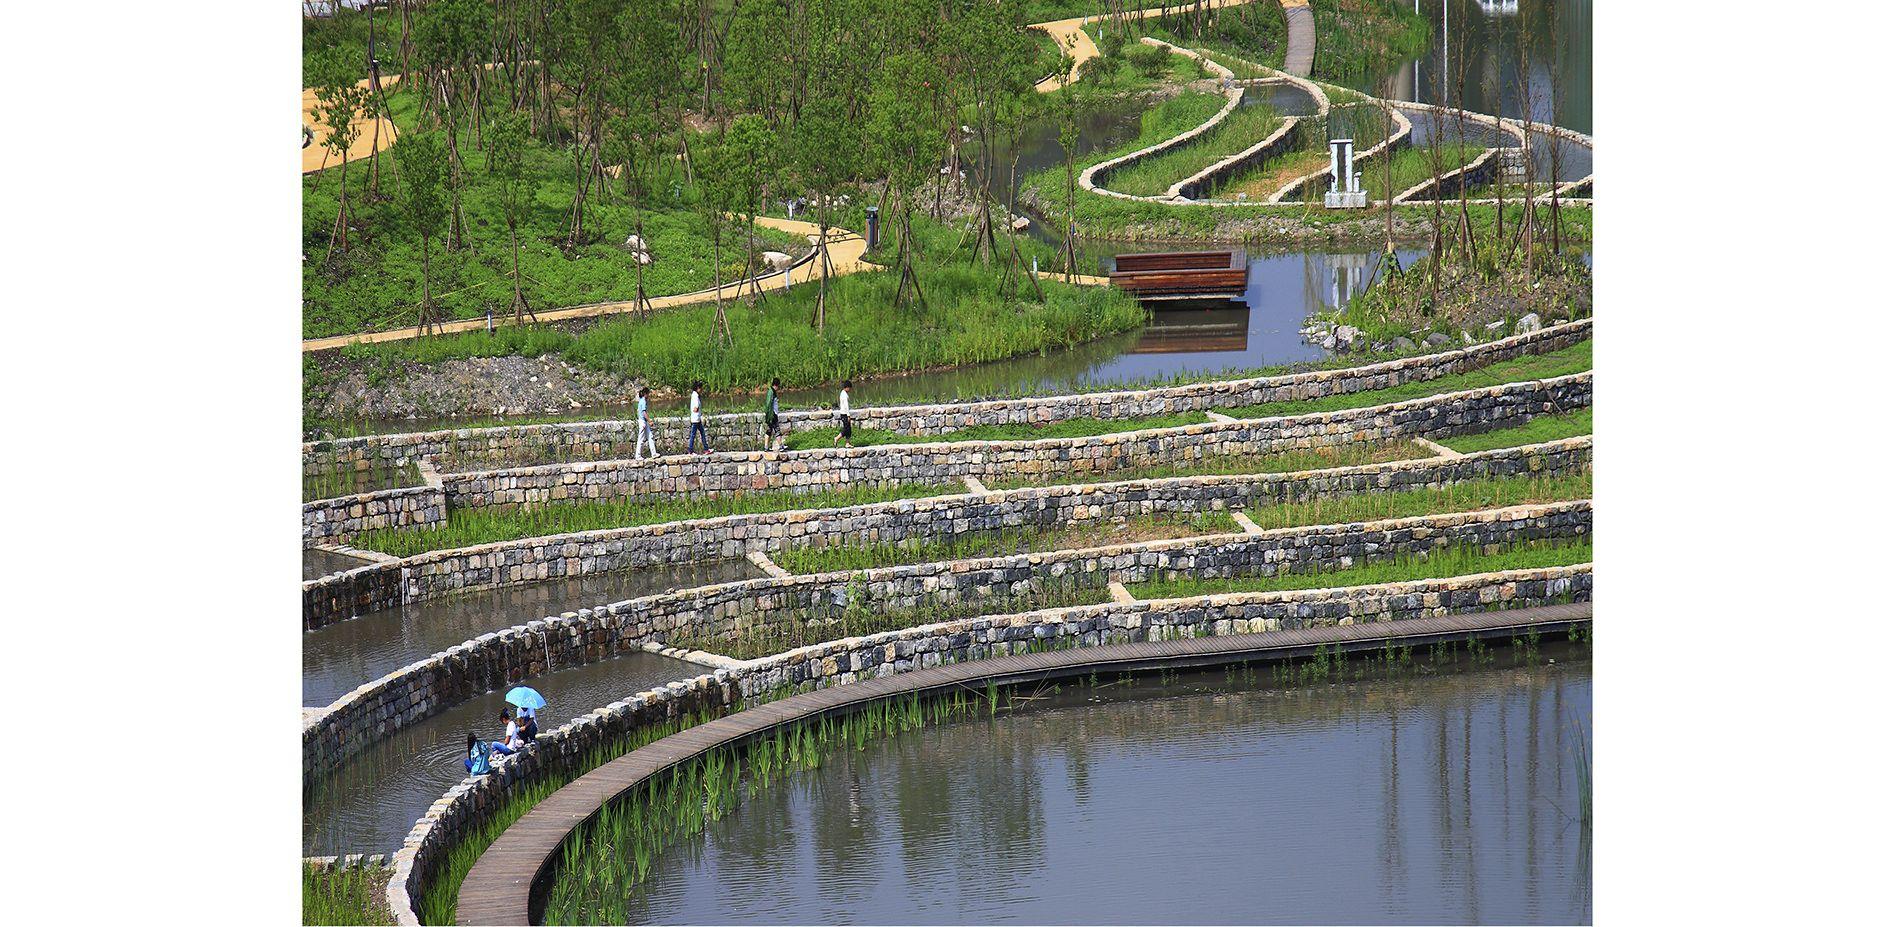 2014 Asla Professional Awards Wetland Park Urban Landscape Landscape